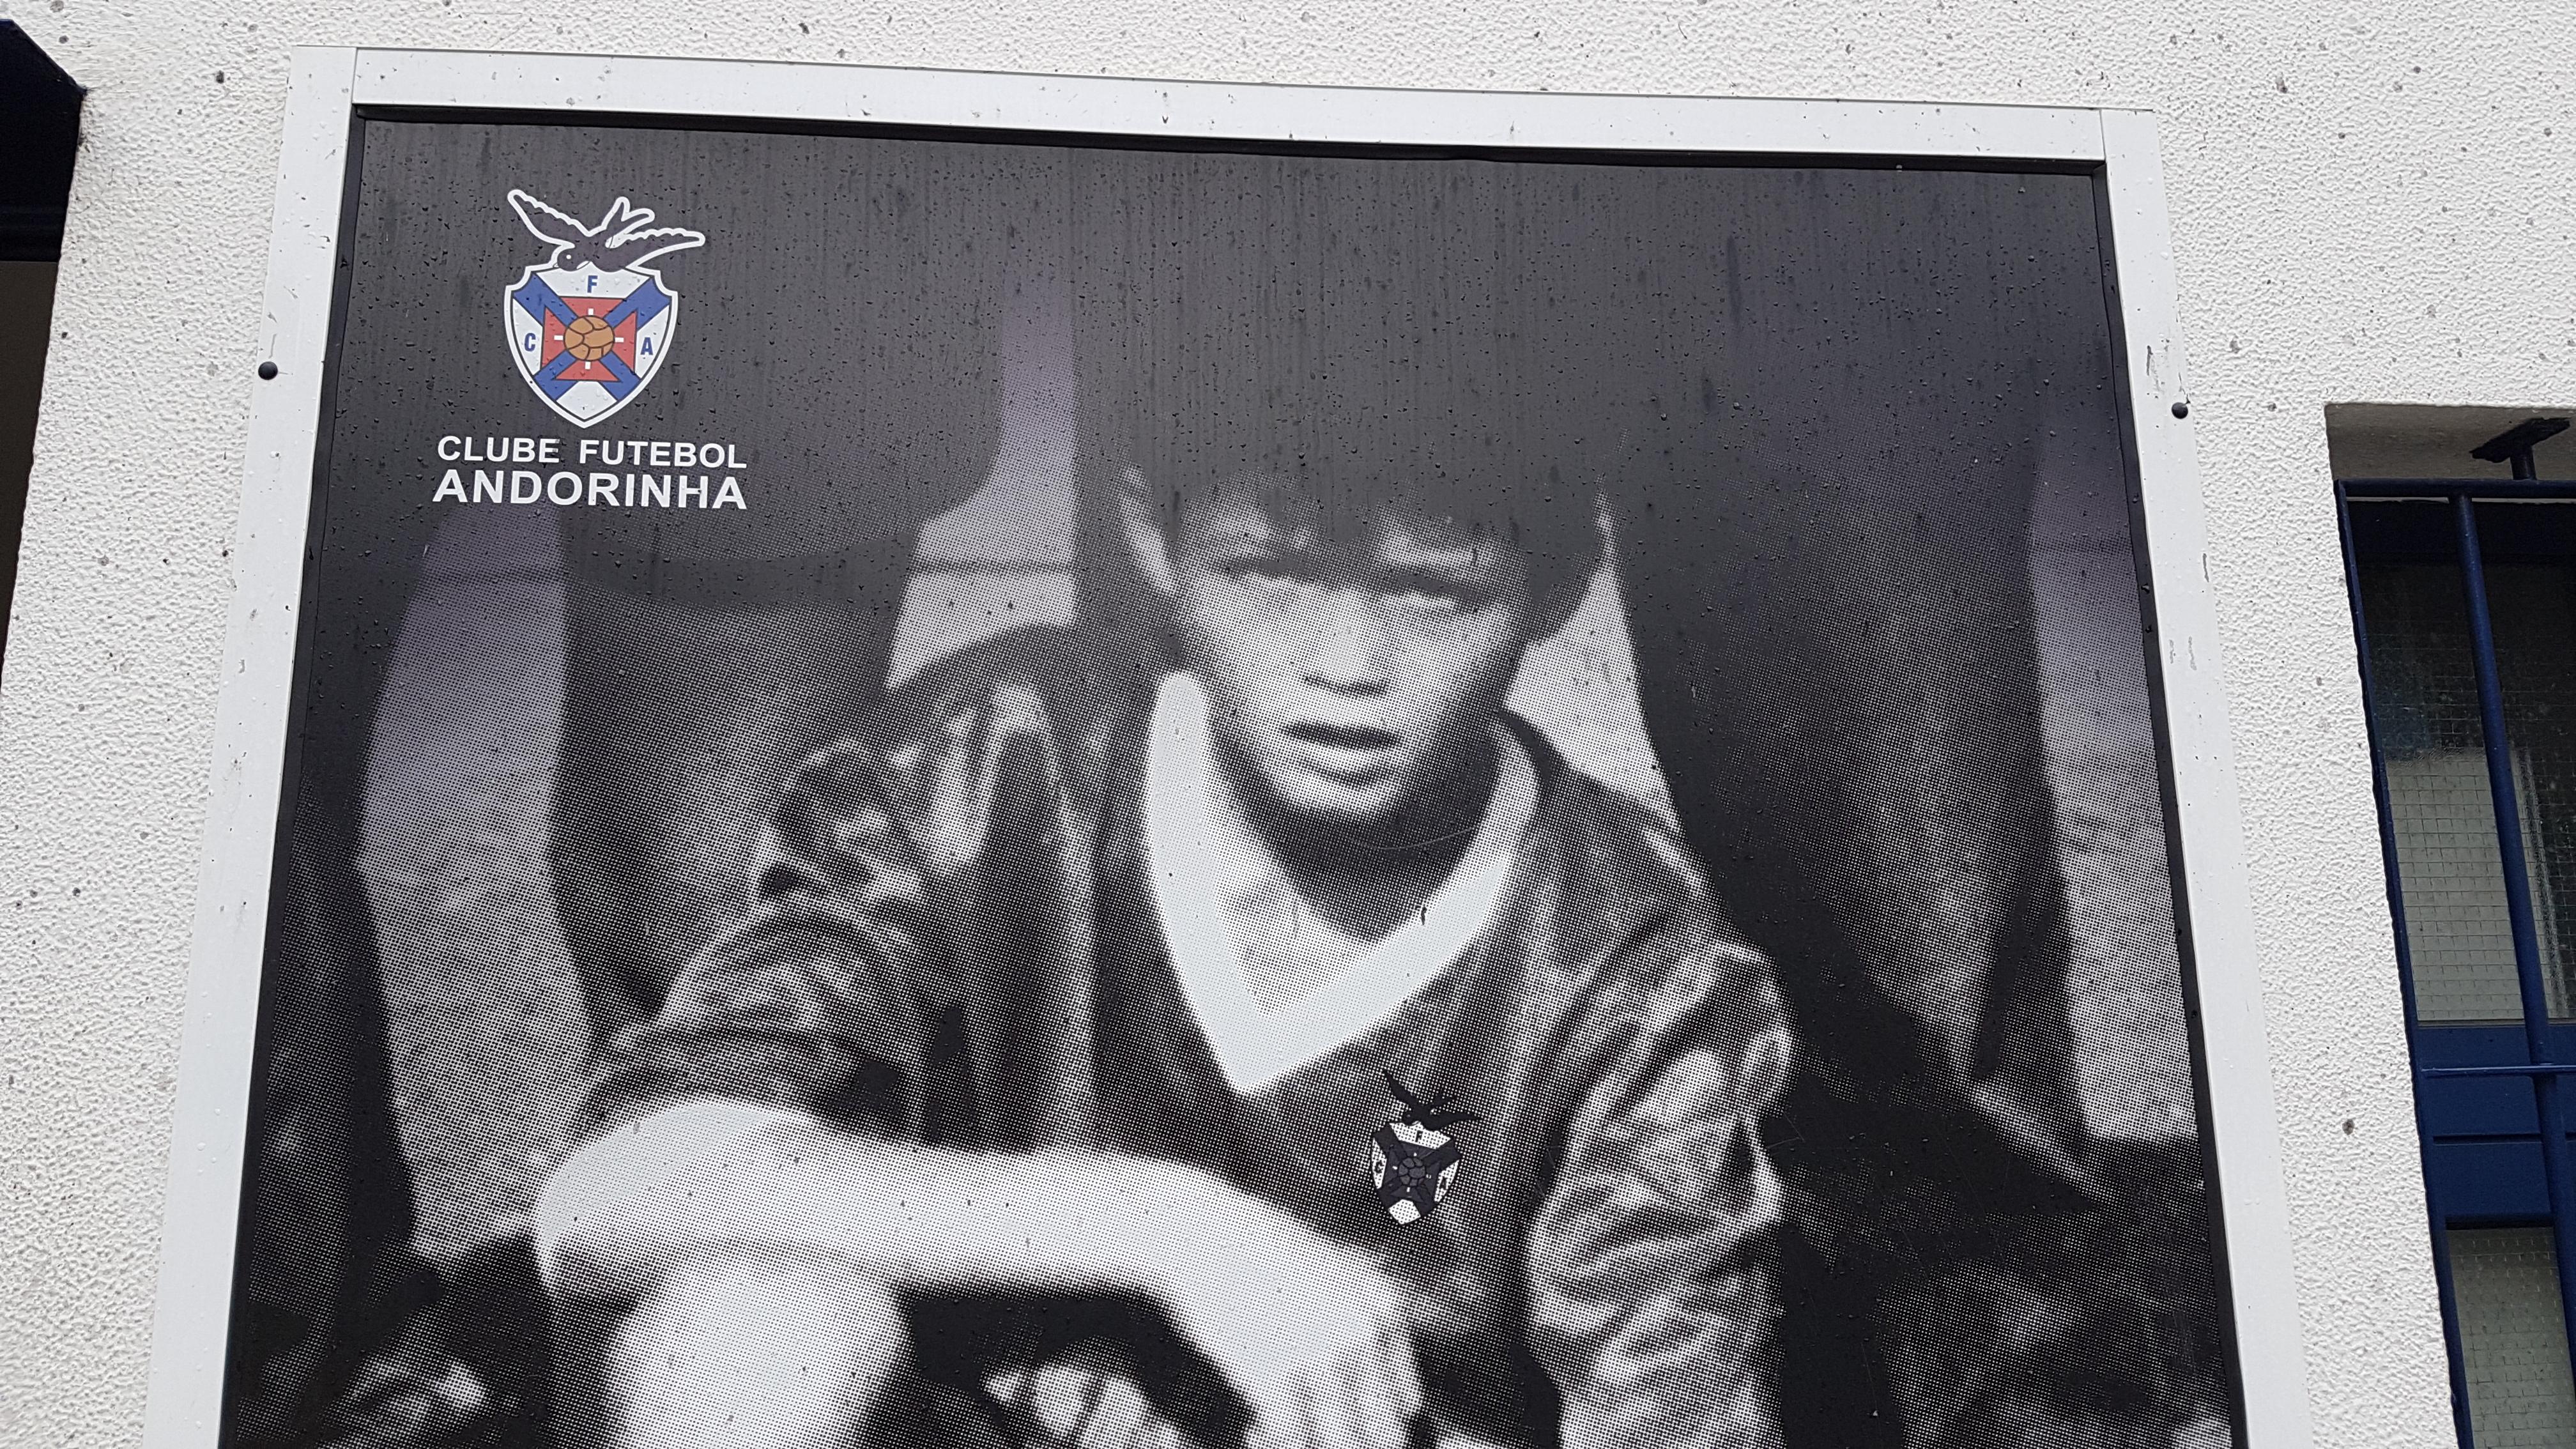 Madeira Andorinha Cristiano Ronaldo first club